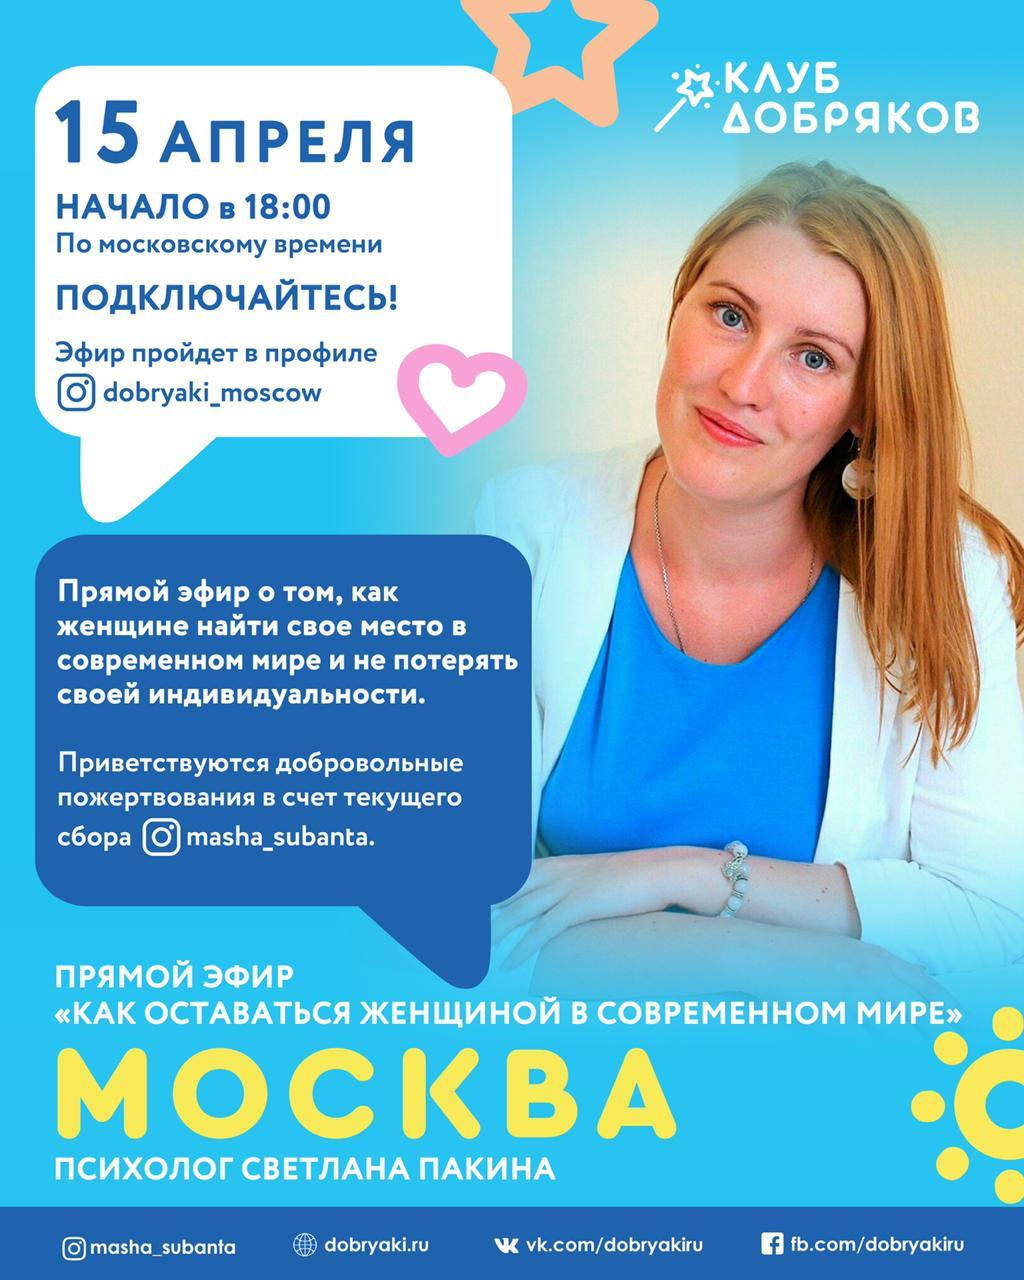 Московские добряки проведут прямой эфир с психологом